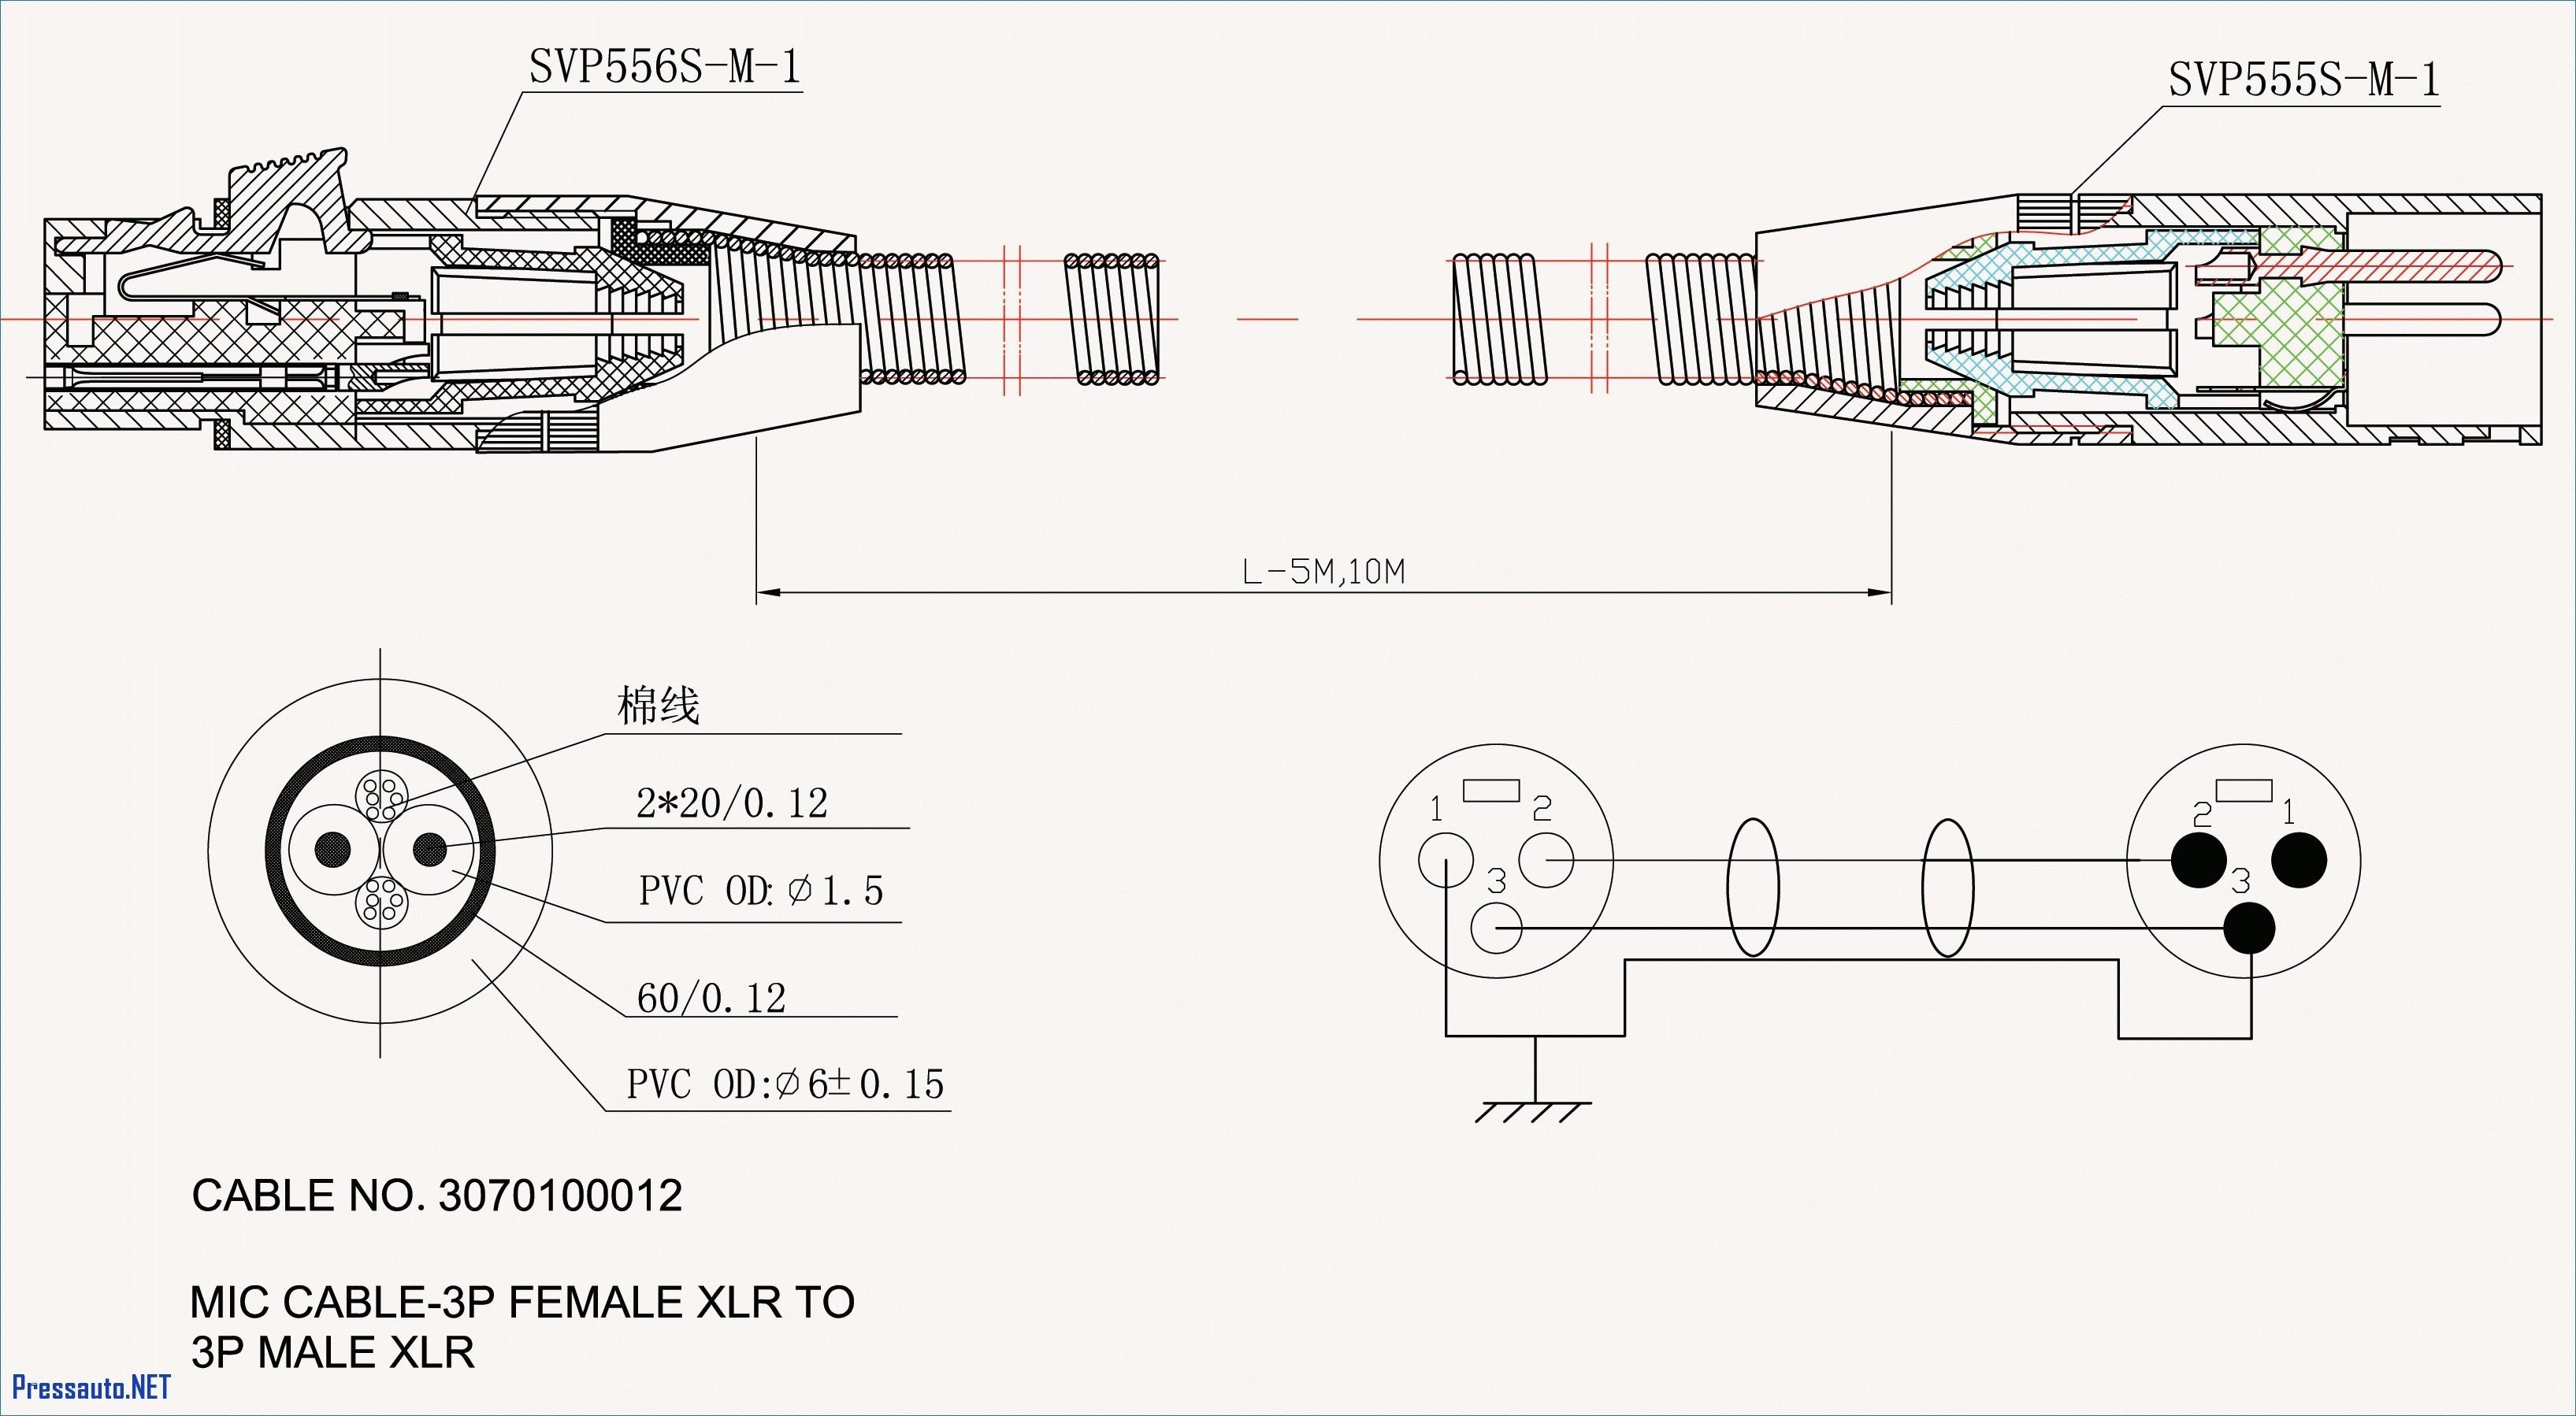 Ford Focus 2002 Engine Diagram 2000 ford Focus Vacuum Hose Diagram Simple Wiring Diagram Of Ford Focus 2002 Engine Diagram